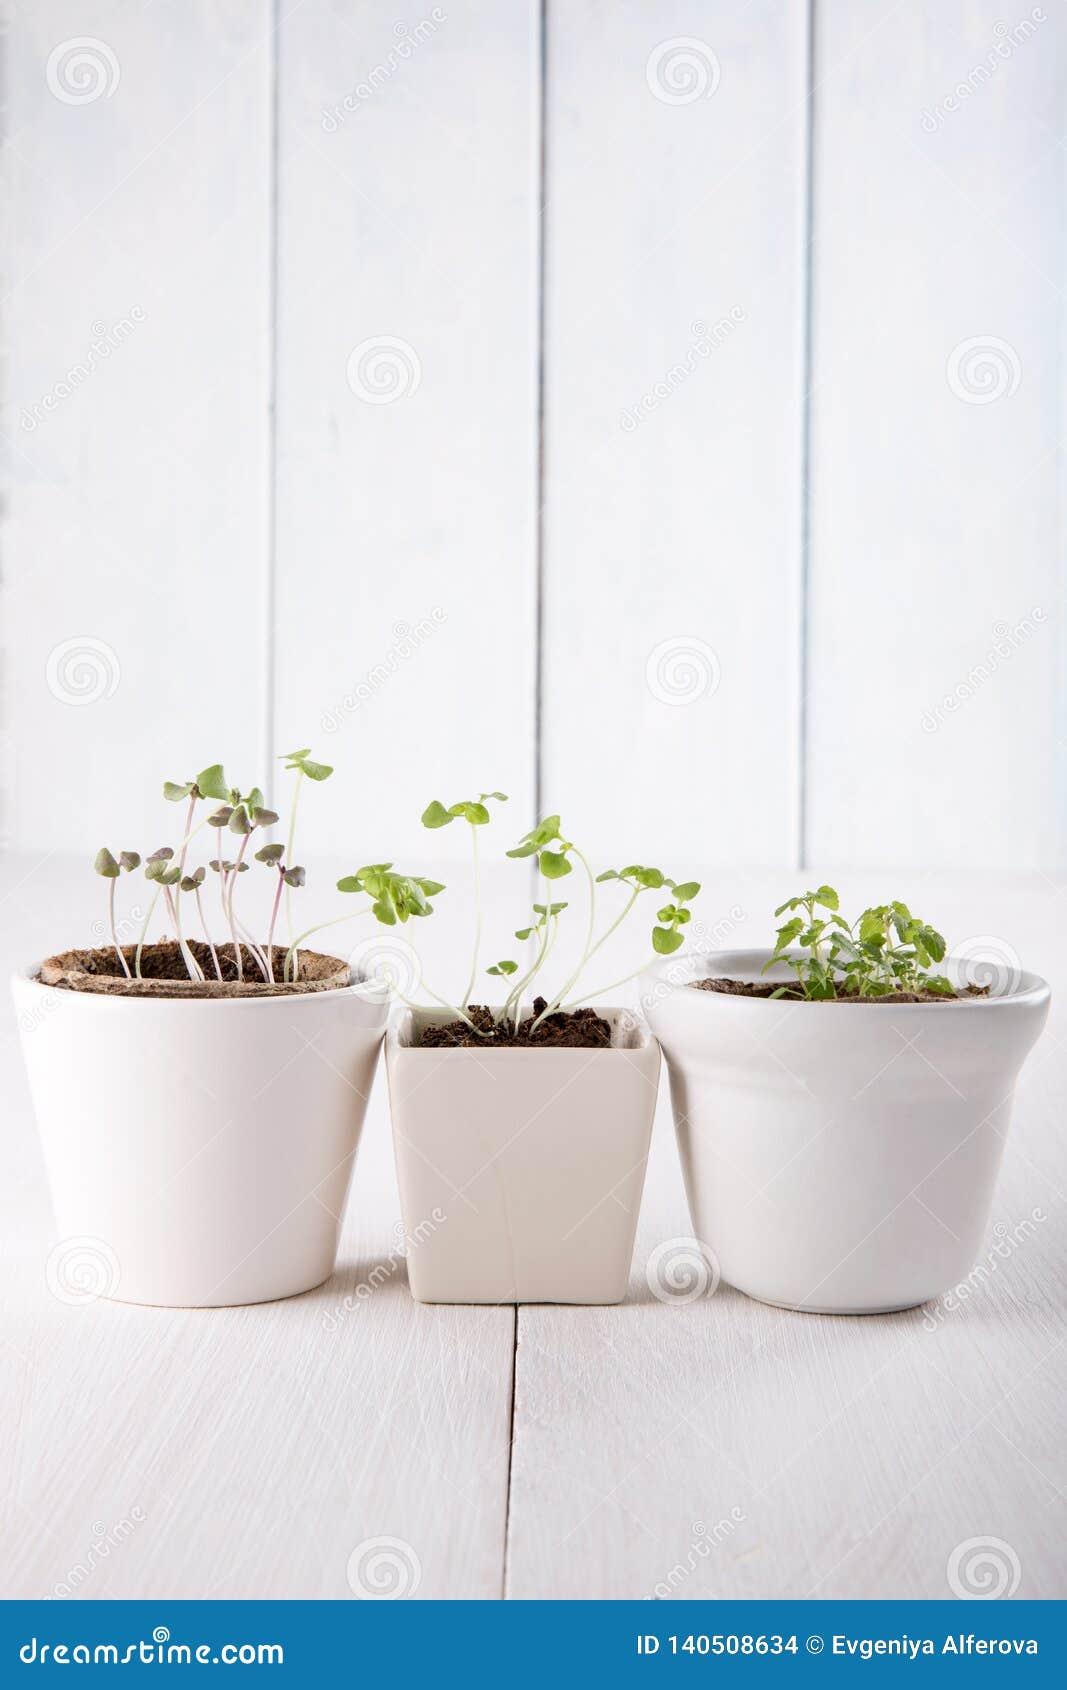 Drie witte bloempotten met kleine groene spruiten van basilicum en munt